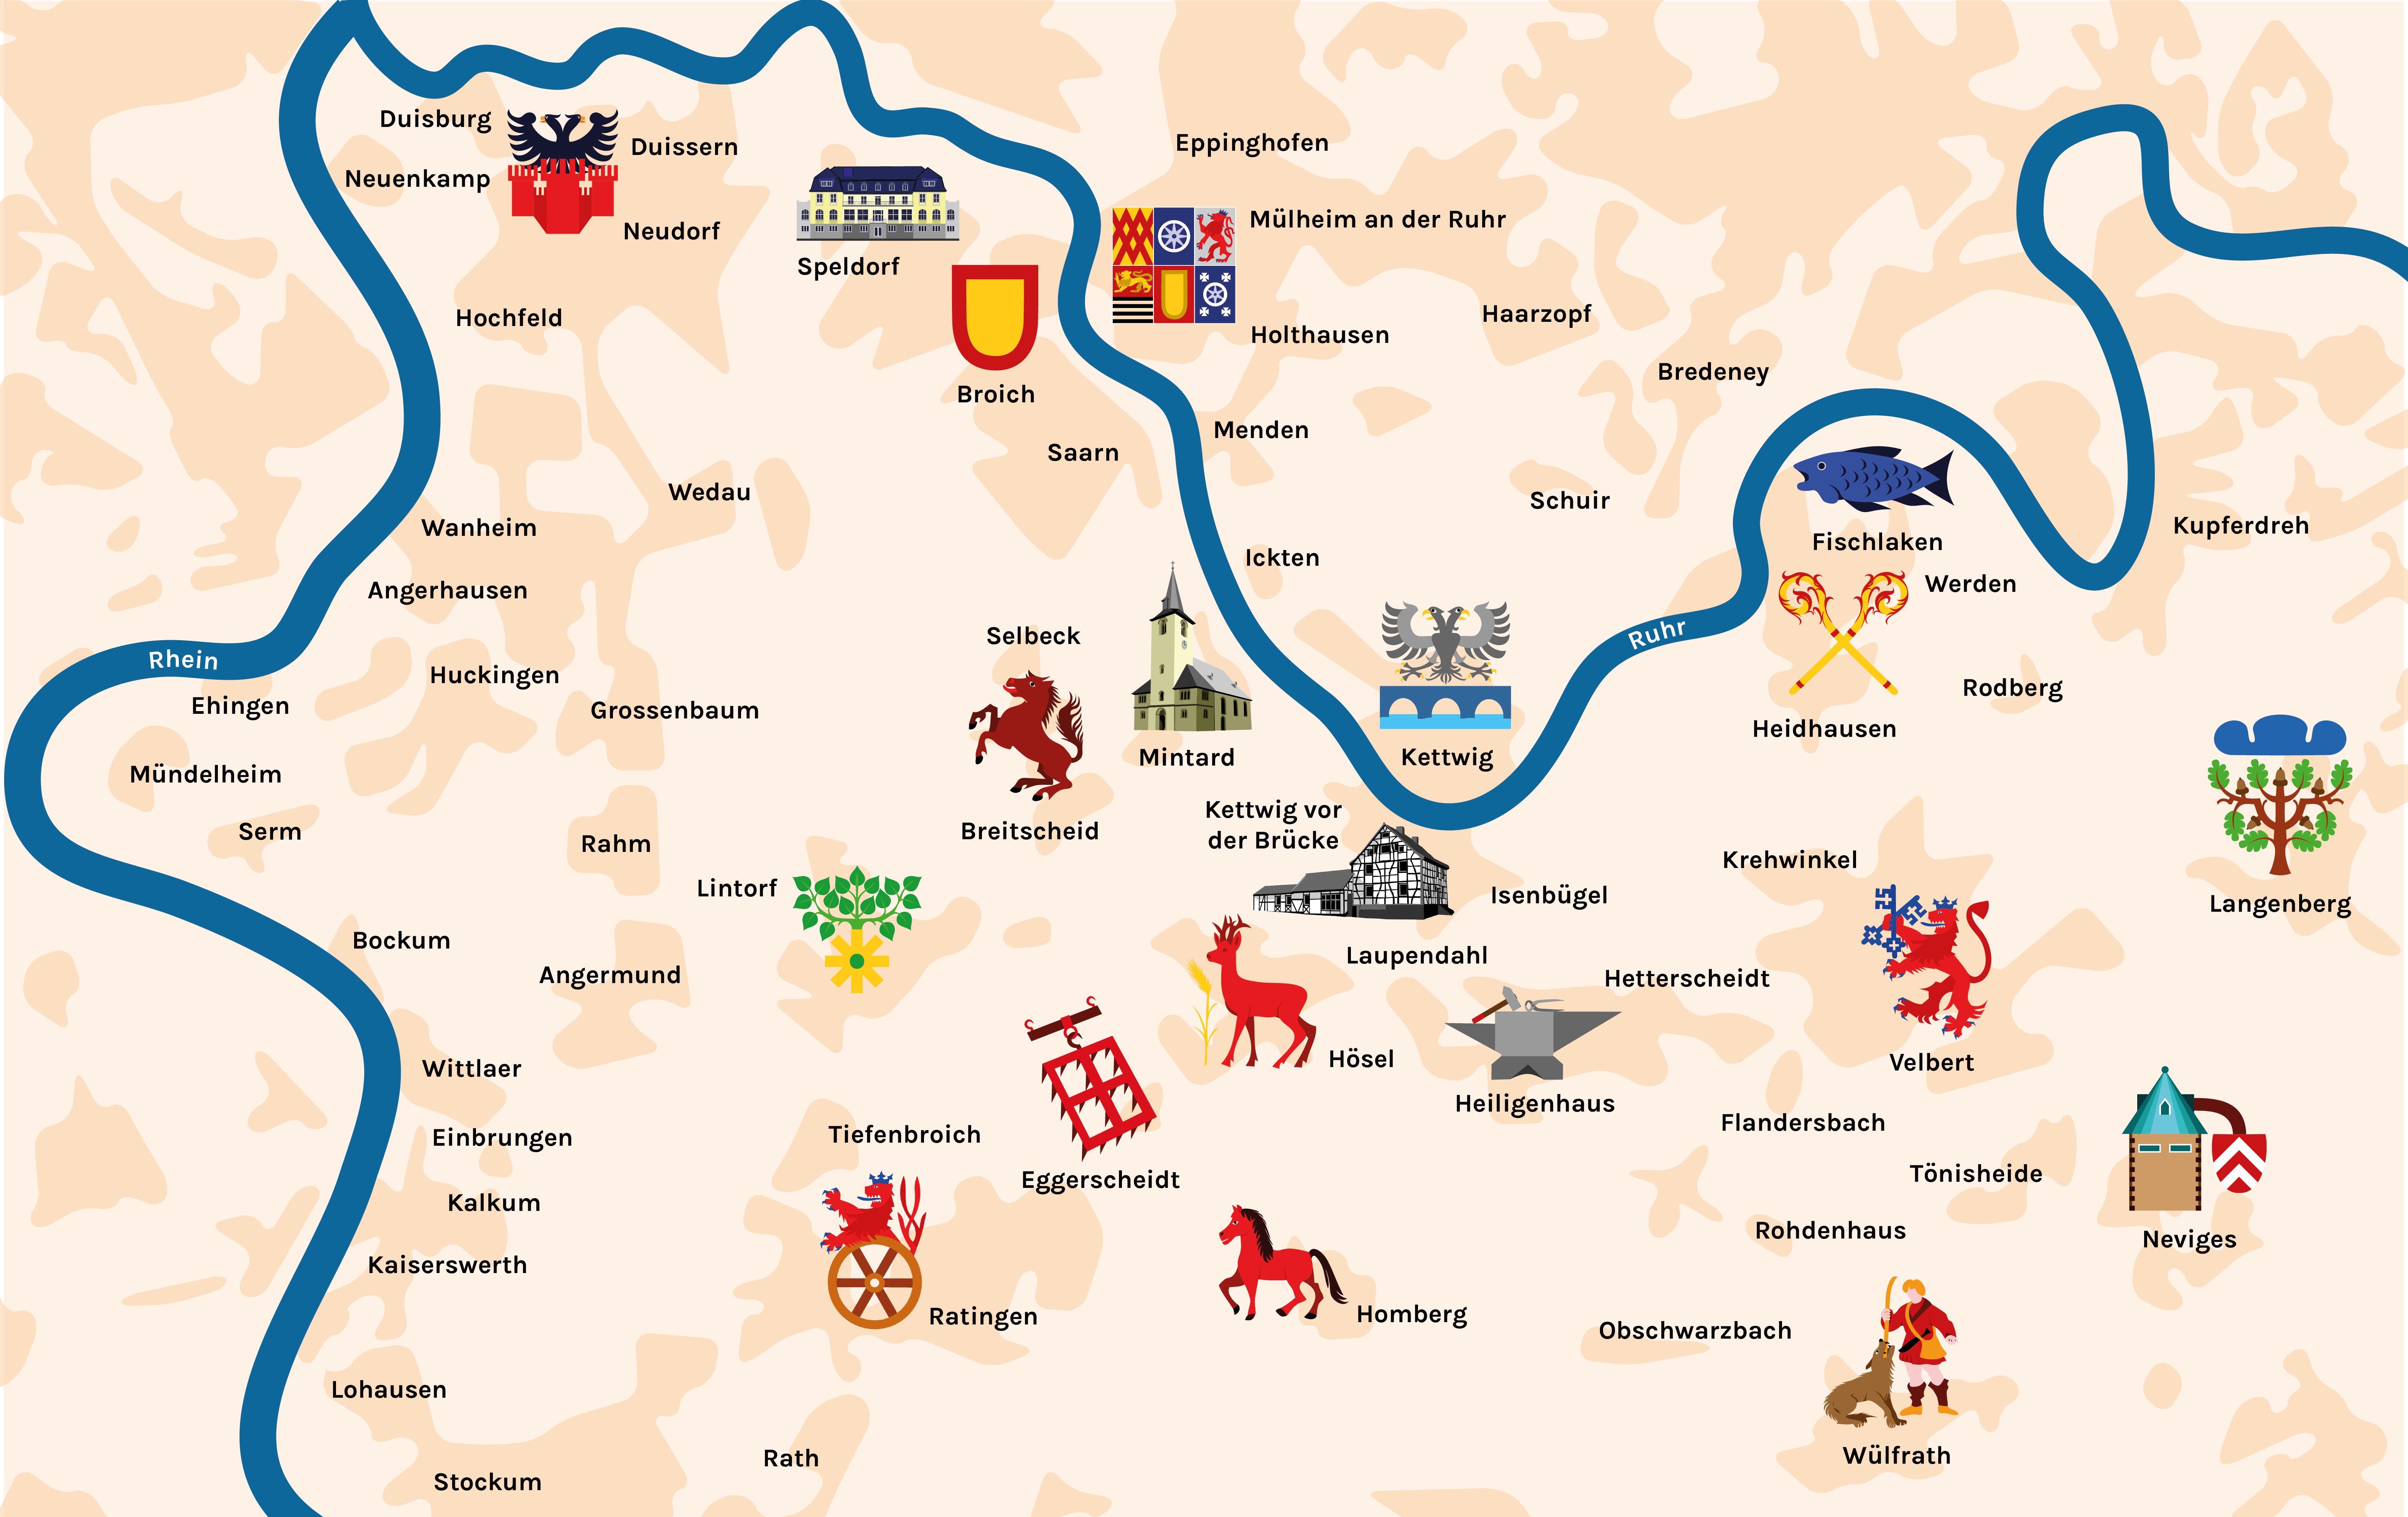 Karte des niederbergischen Landes